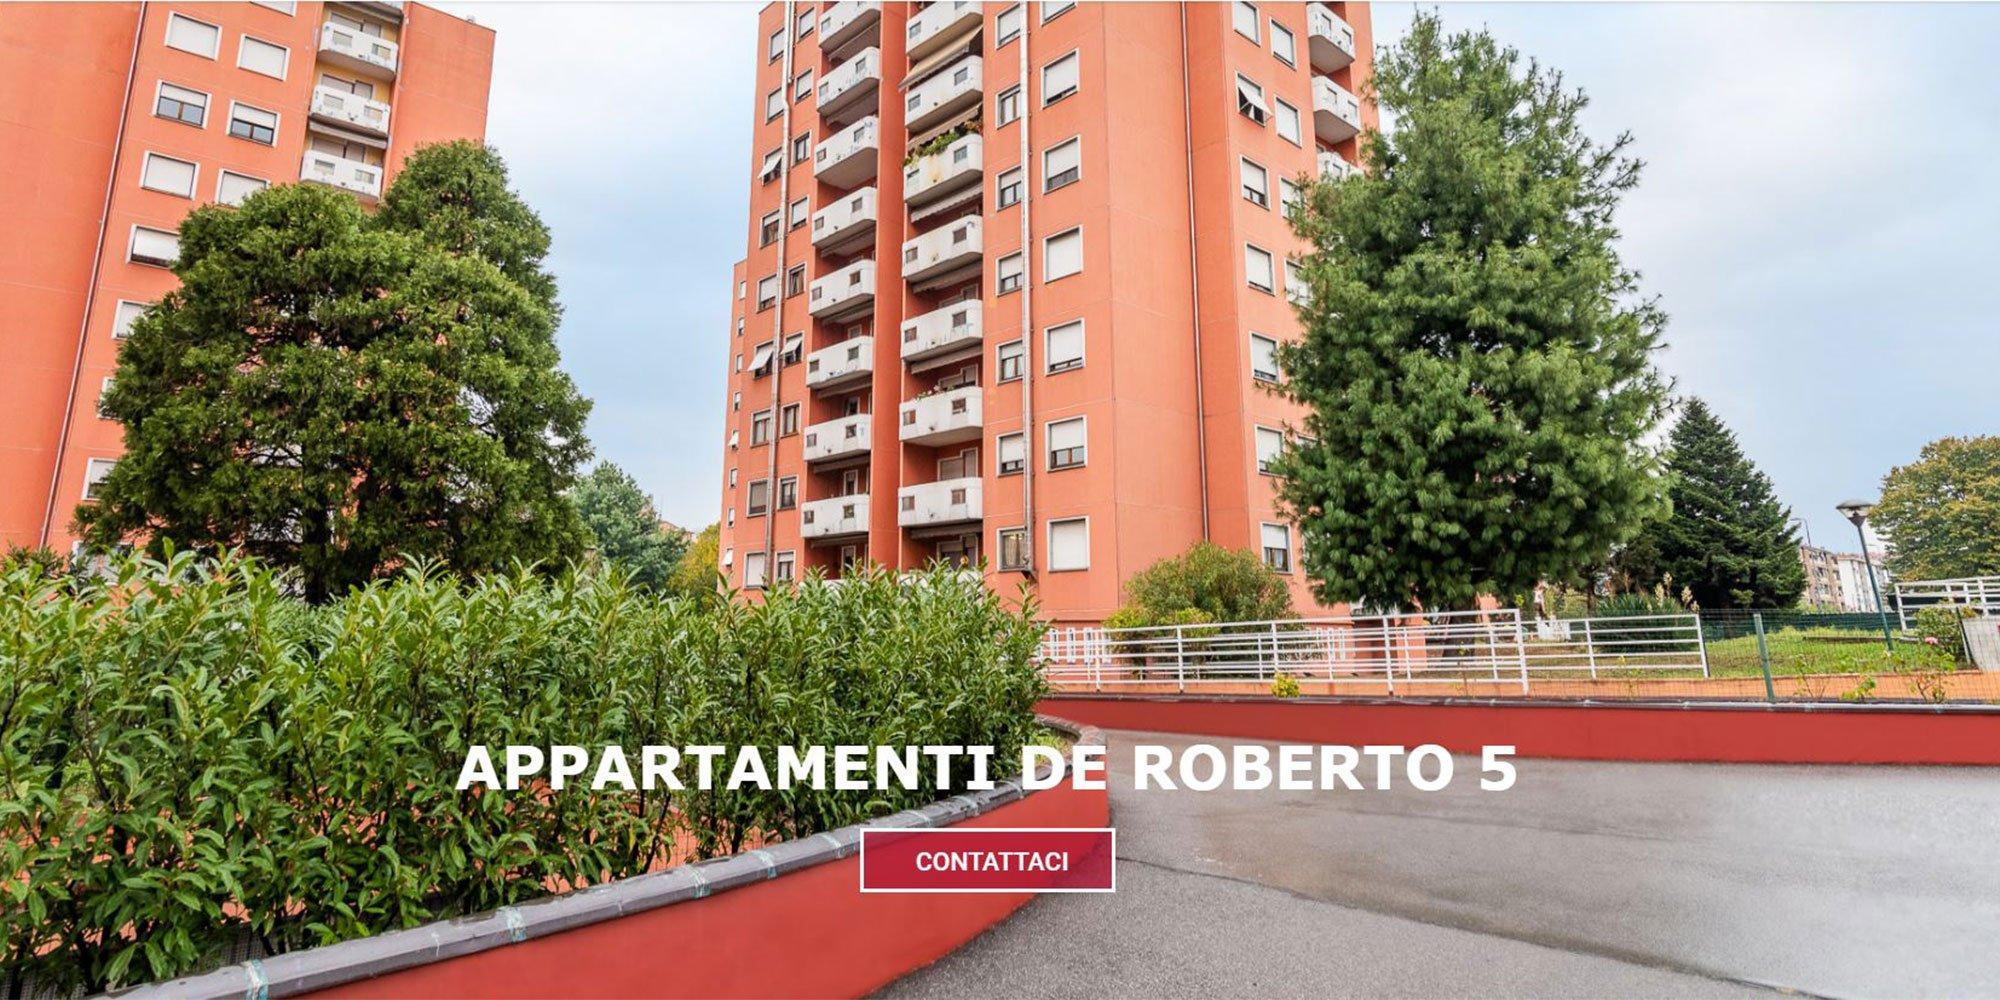 Portfolio Clienti | Gabetti Milano appartamenti de roberto